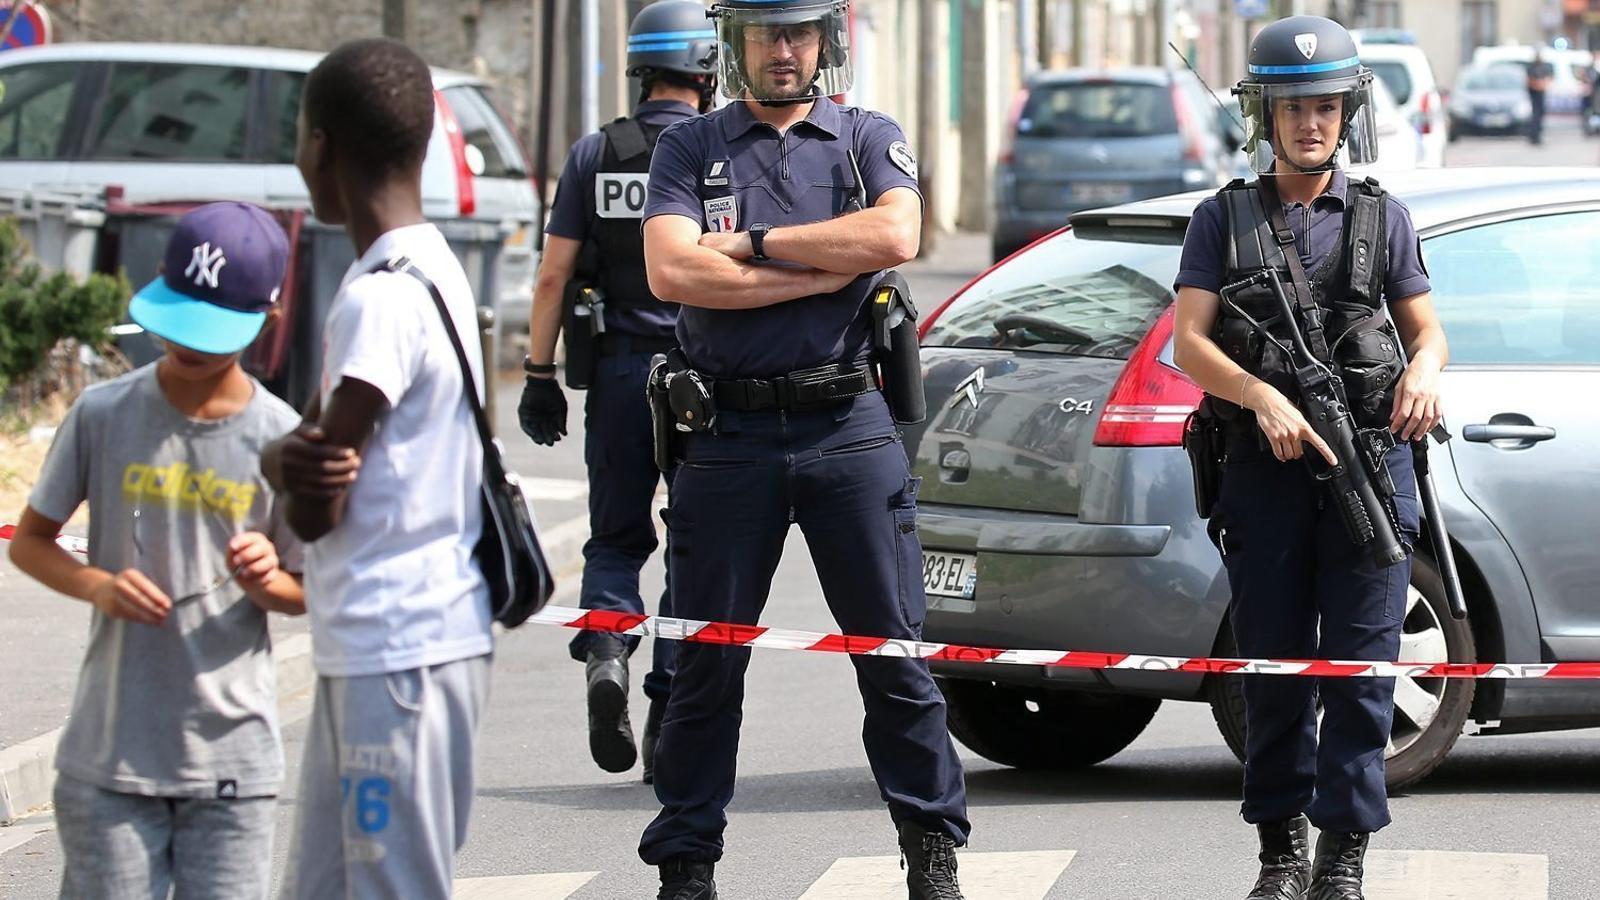 Dos policies patrullant per un suburbi de París en una imatge del juliol de l'any passat.